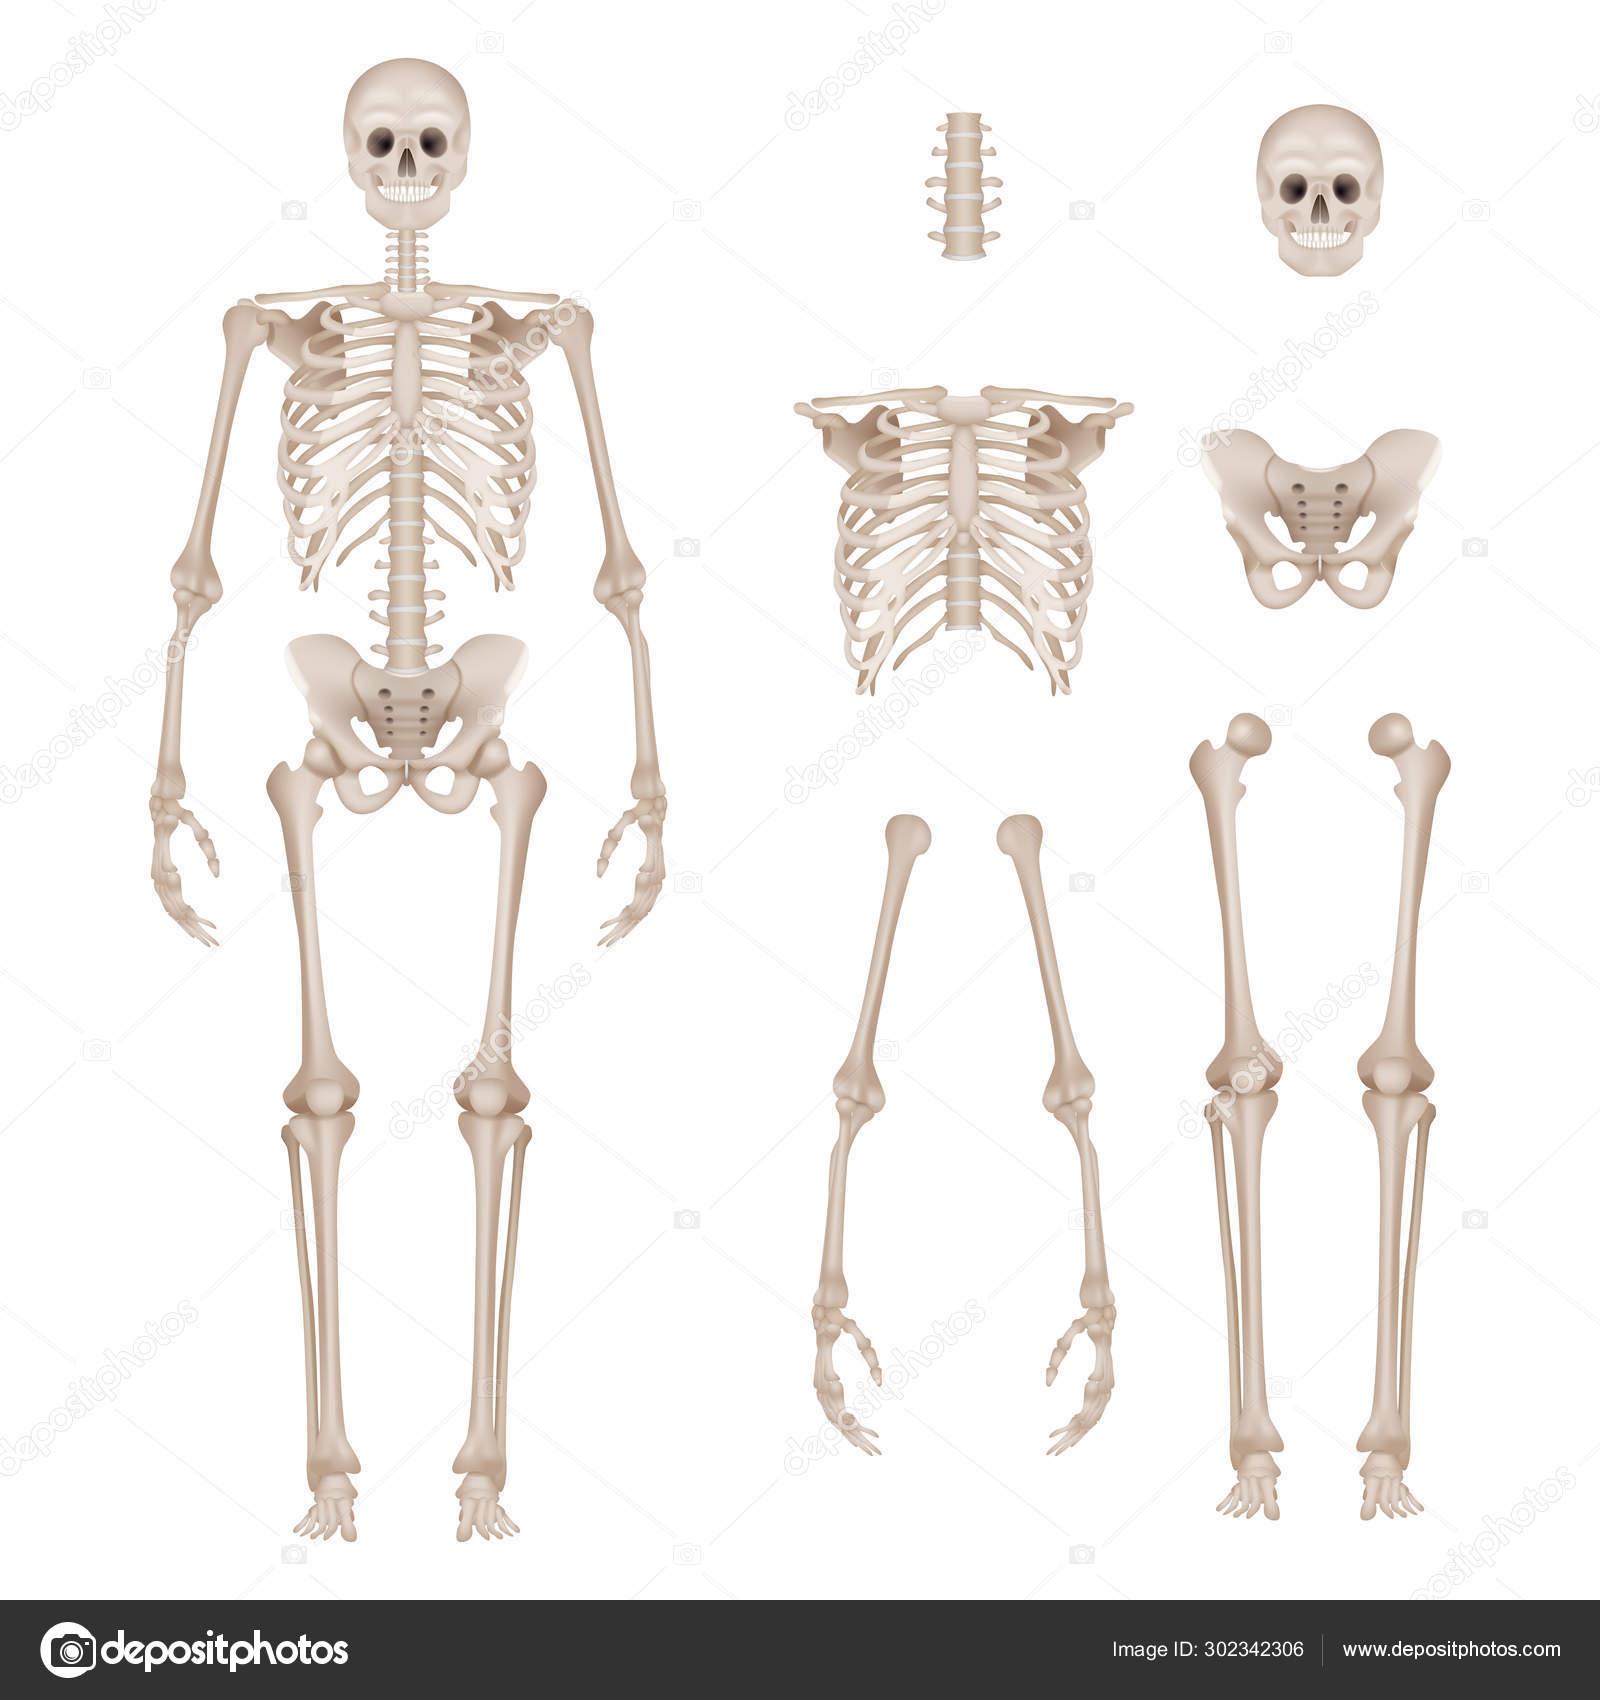 Wonderbaar Menselijk skelet. Lichaam delen schedel botten handen voet WP-69